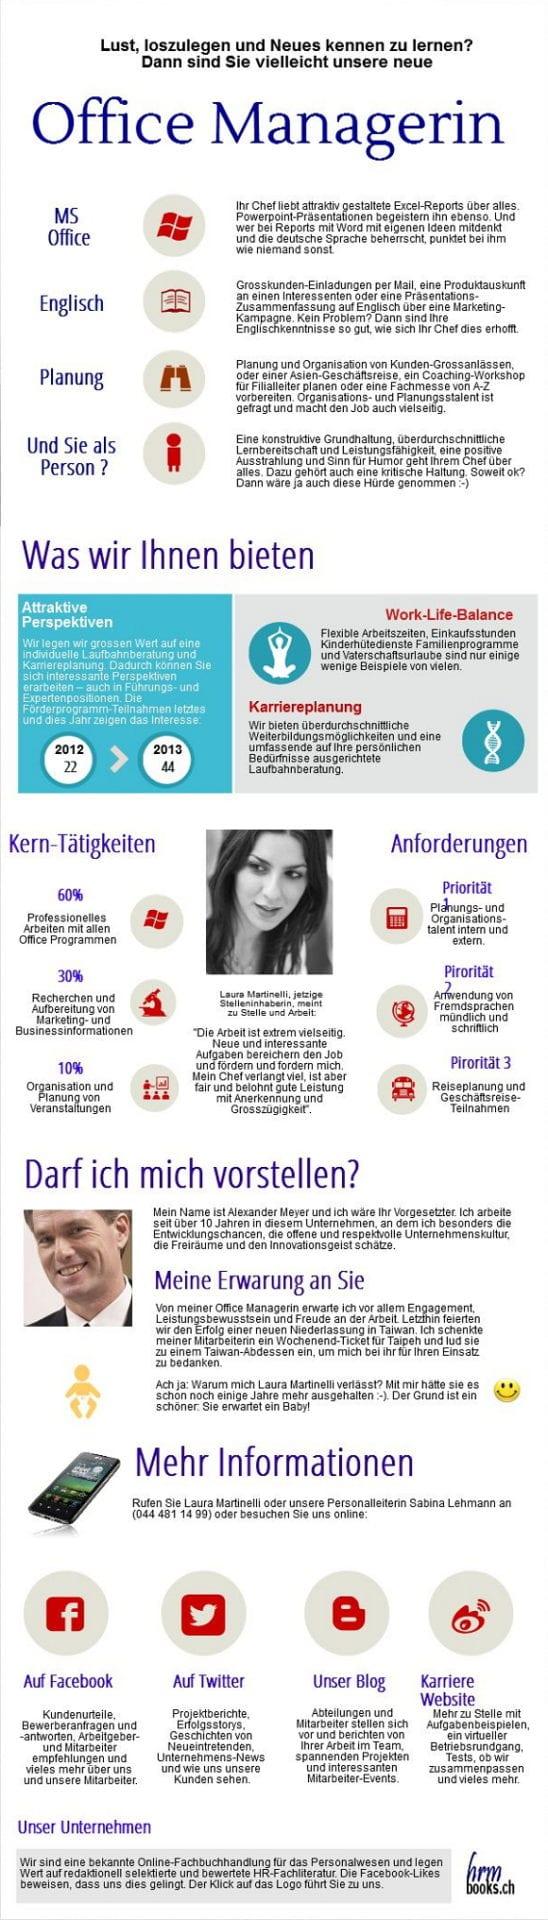 Stellenanzeige mal anders - Infografik und Inhalt am Beispiel hrmbooks.ch